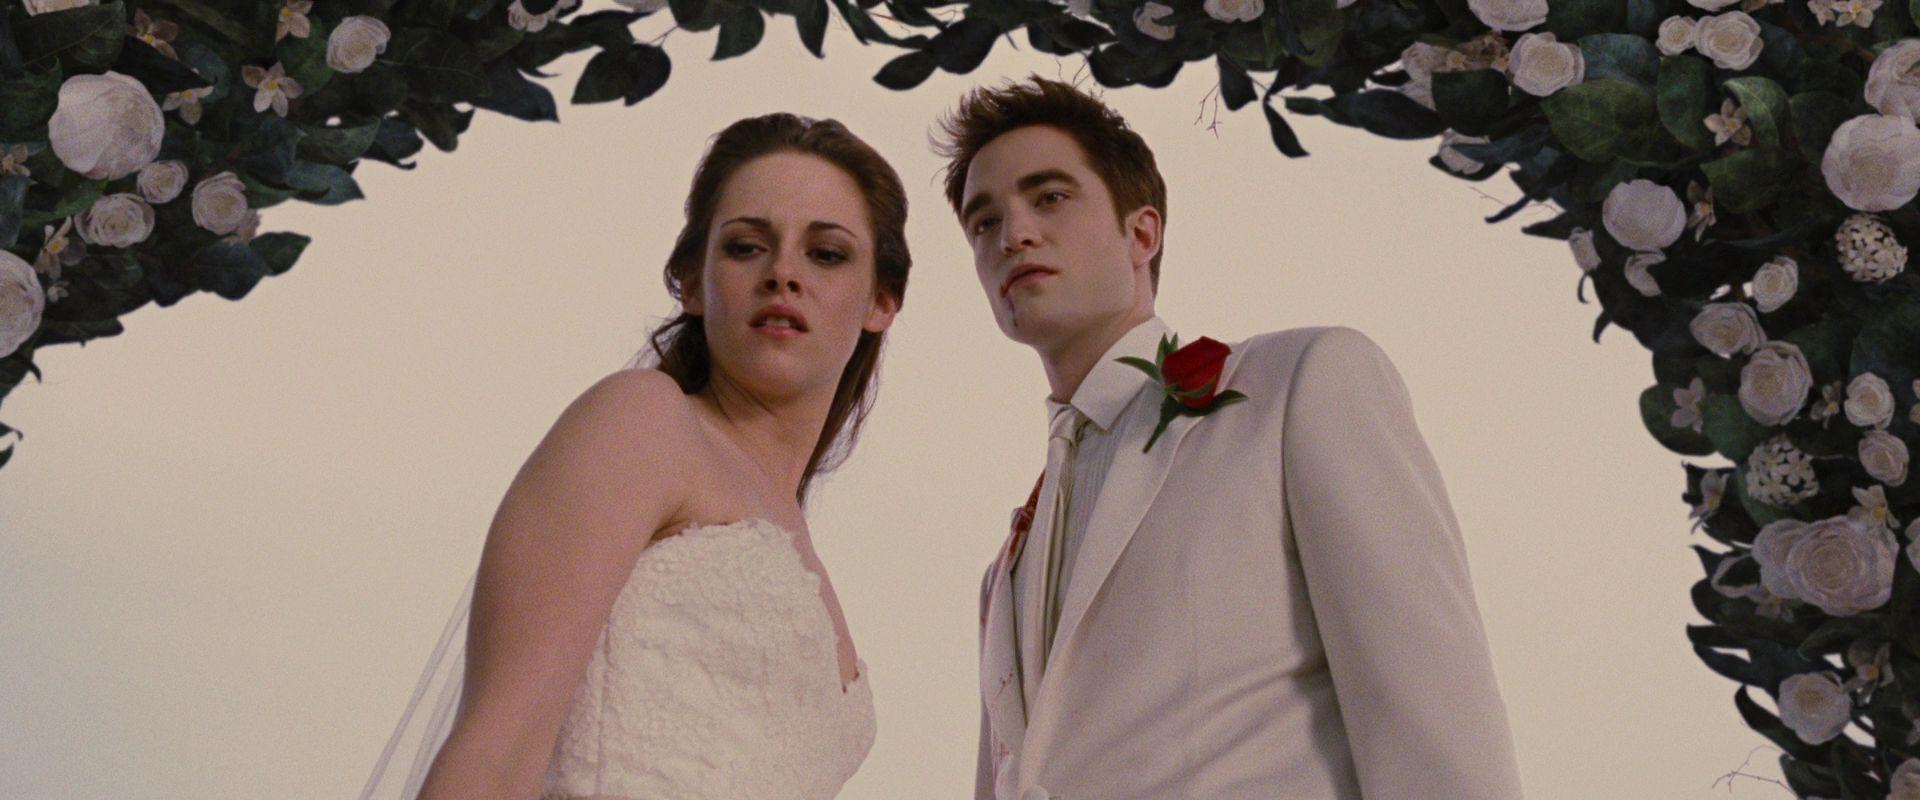 Bella Swan Dream Wedding Dress